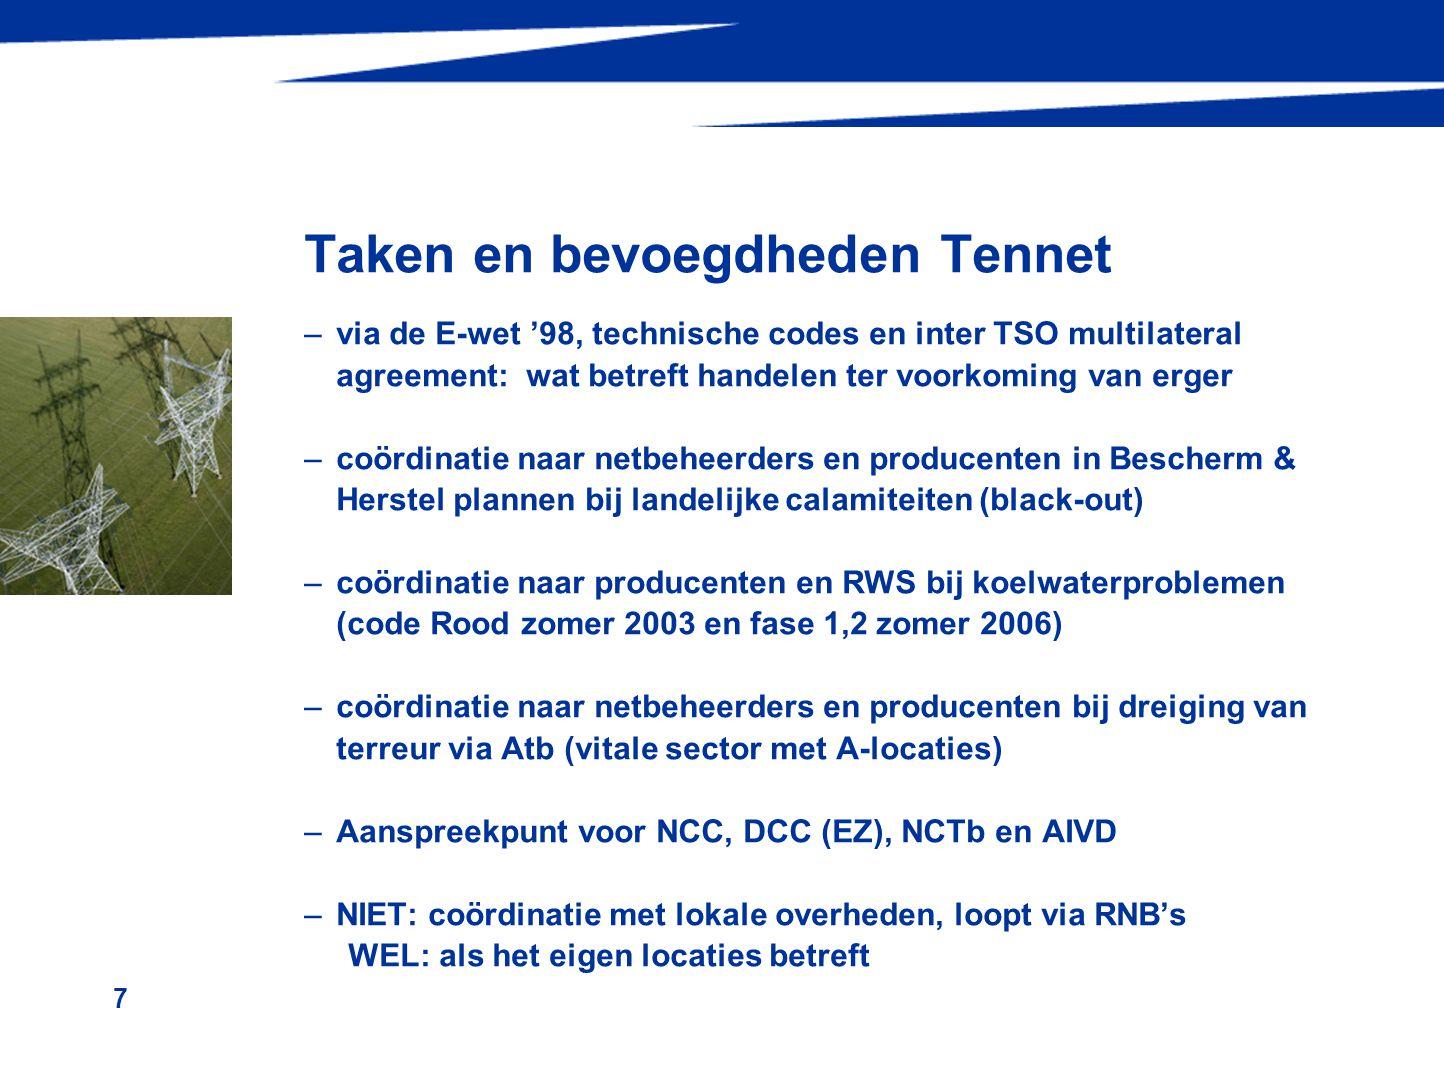 7 Taken en bevoegdheden Tennet –via de E-wet '98, technische codes en inter TSO multilateral agreement: wat betreft handelen ter voorkoming van erger